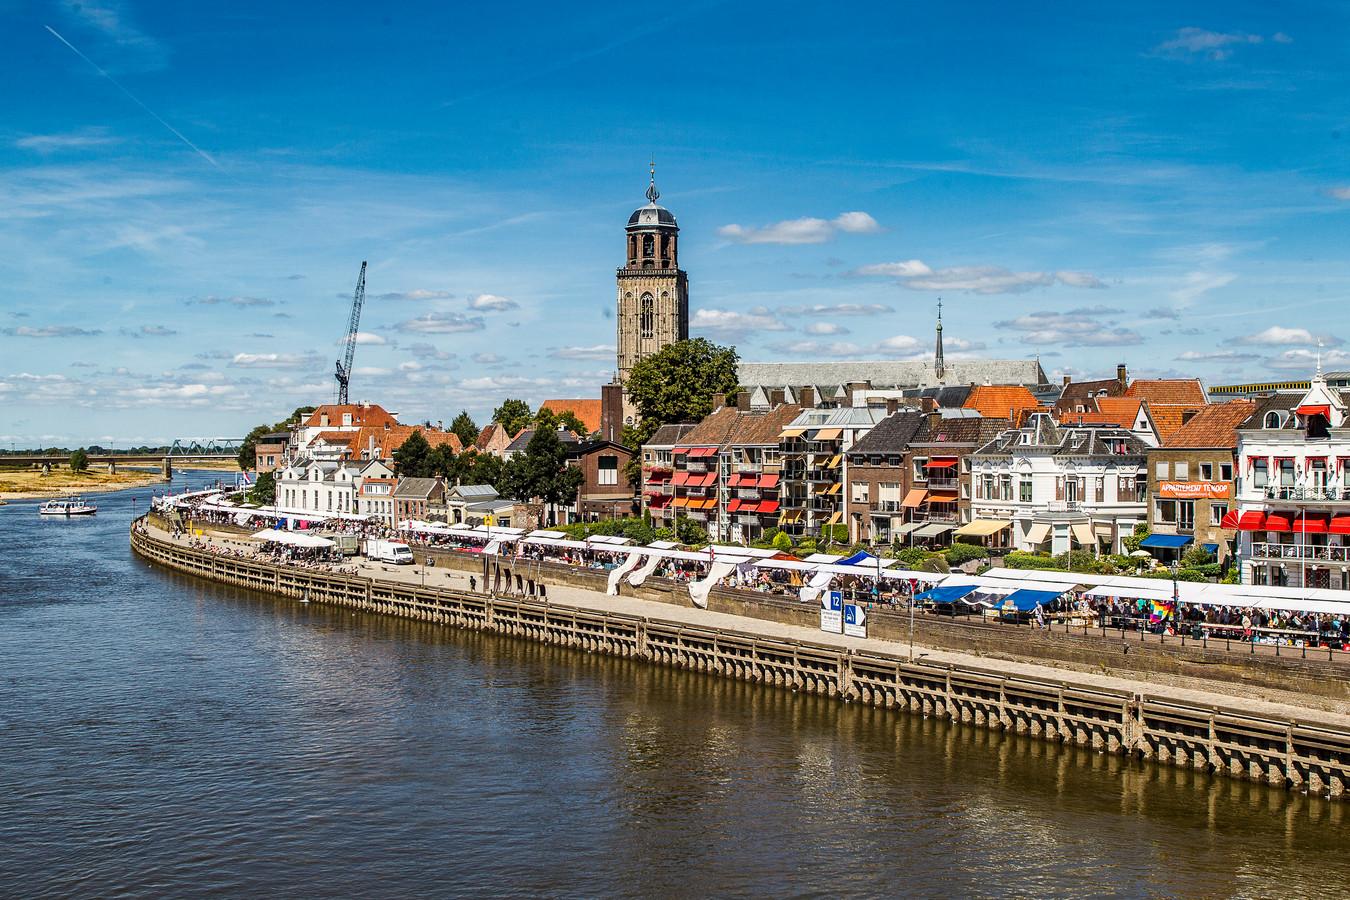 Langs de IJssel stonden tientallen kraampjes opgesteld.